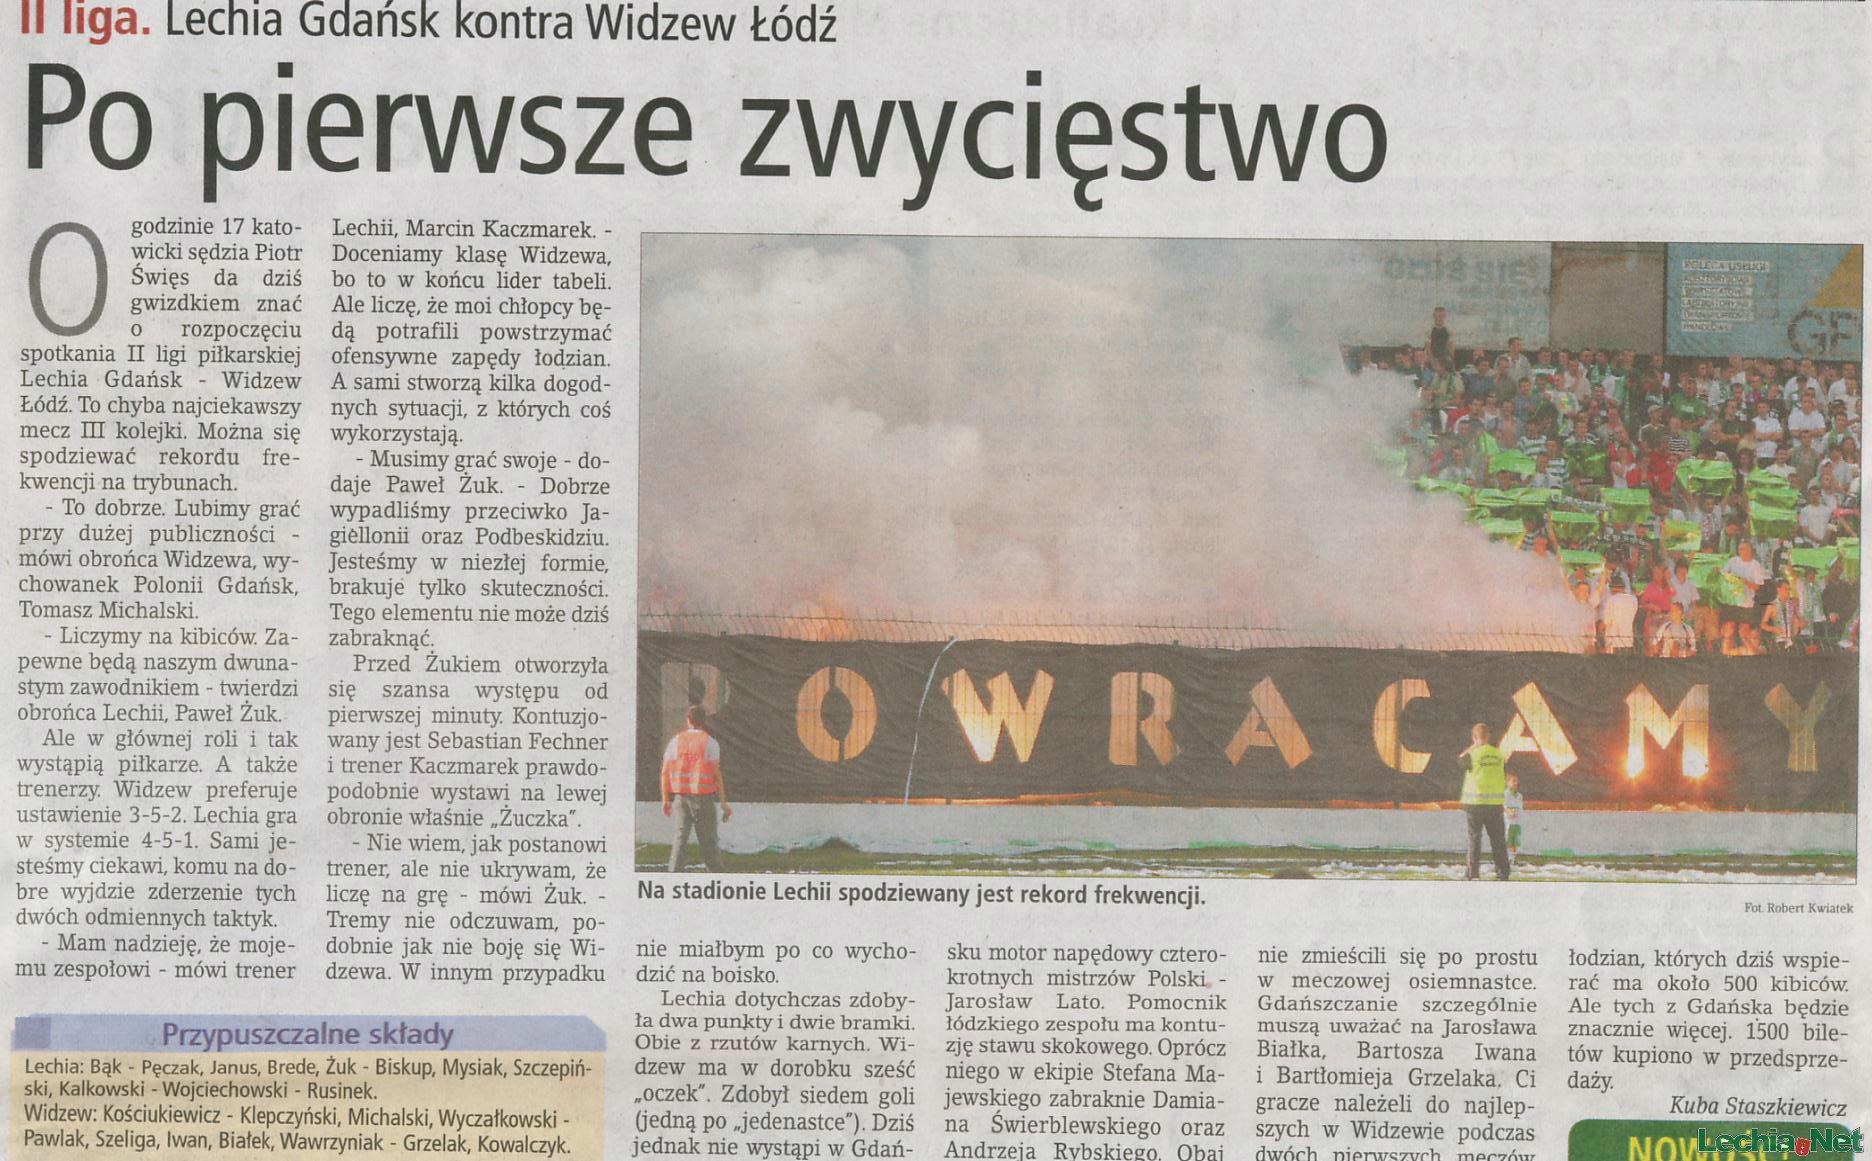 Relacja prasowa z meczu Lechia-Widzew Łódź